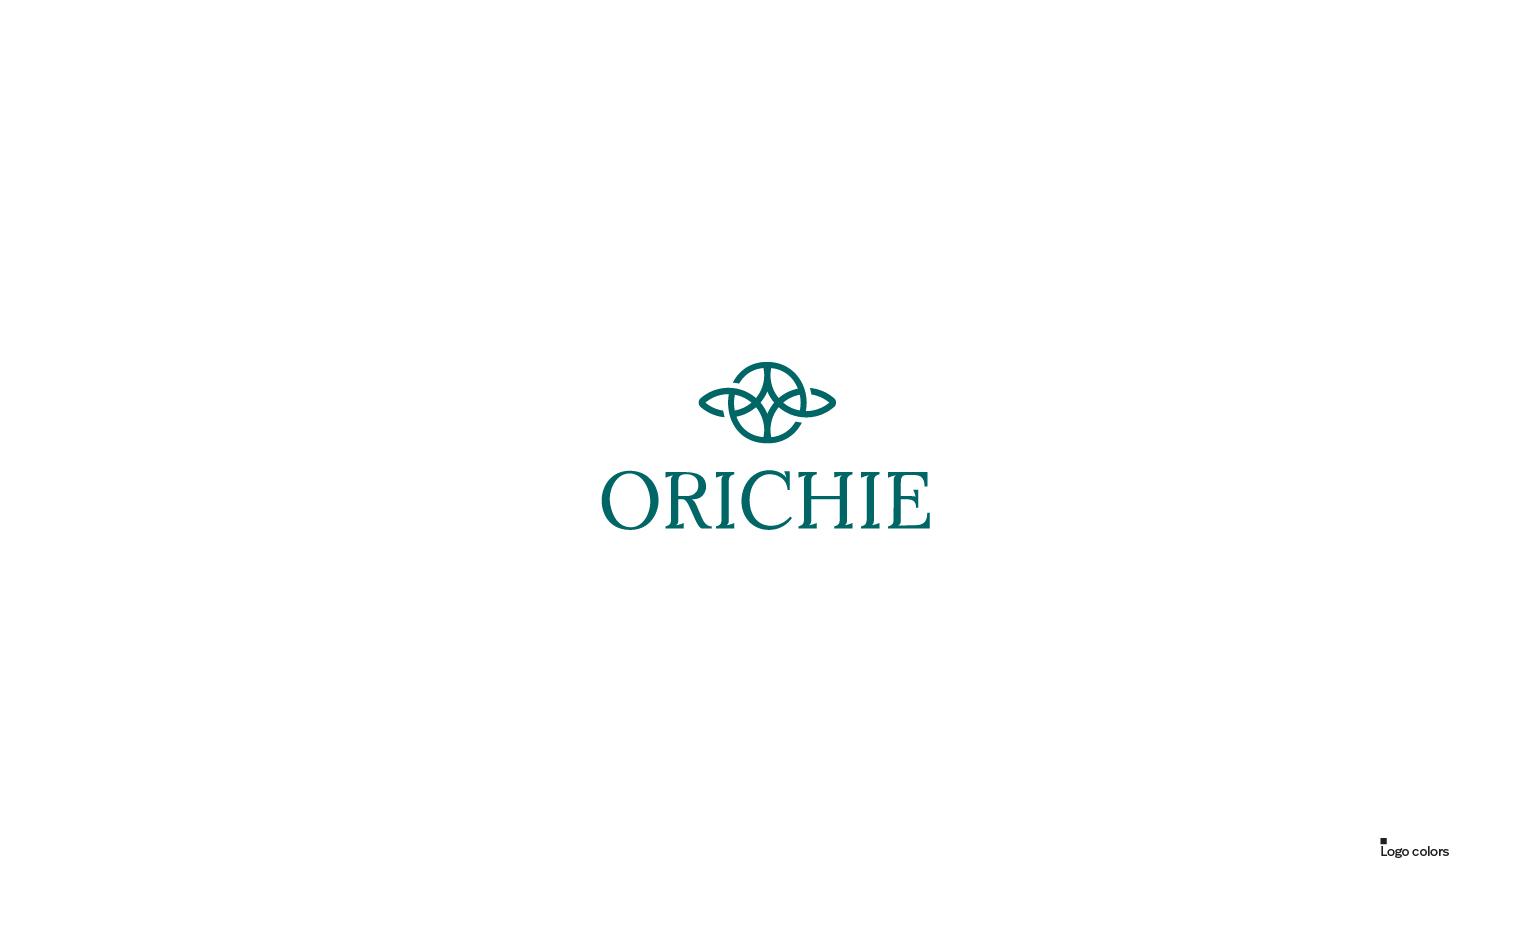 Orichie